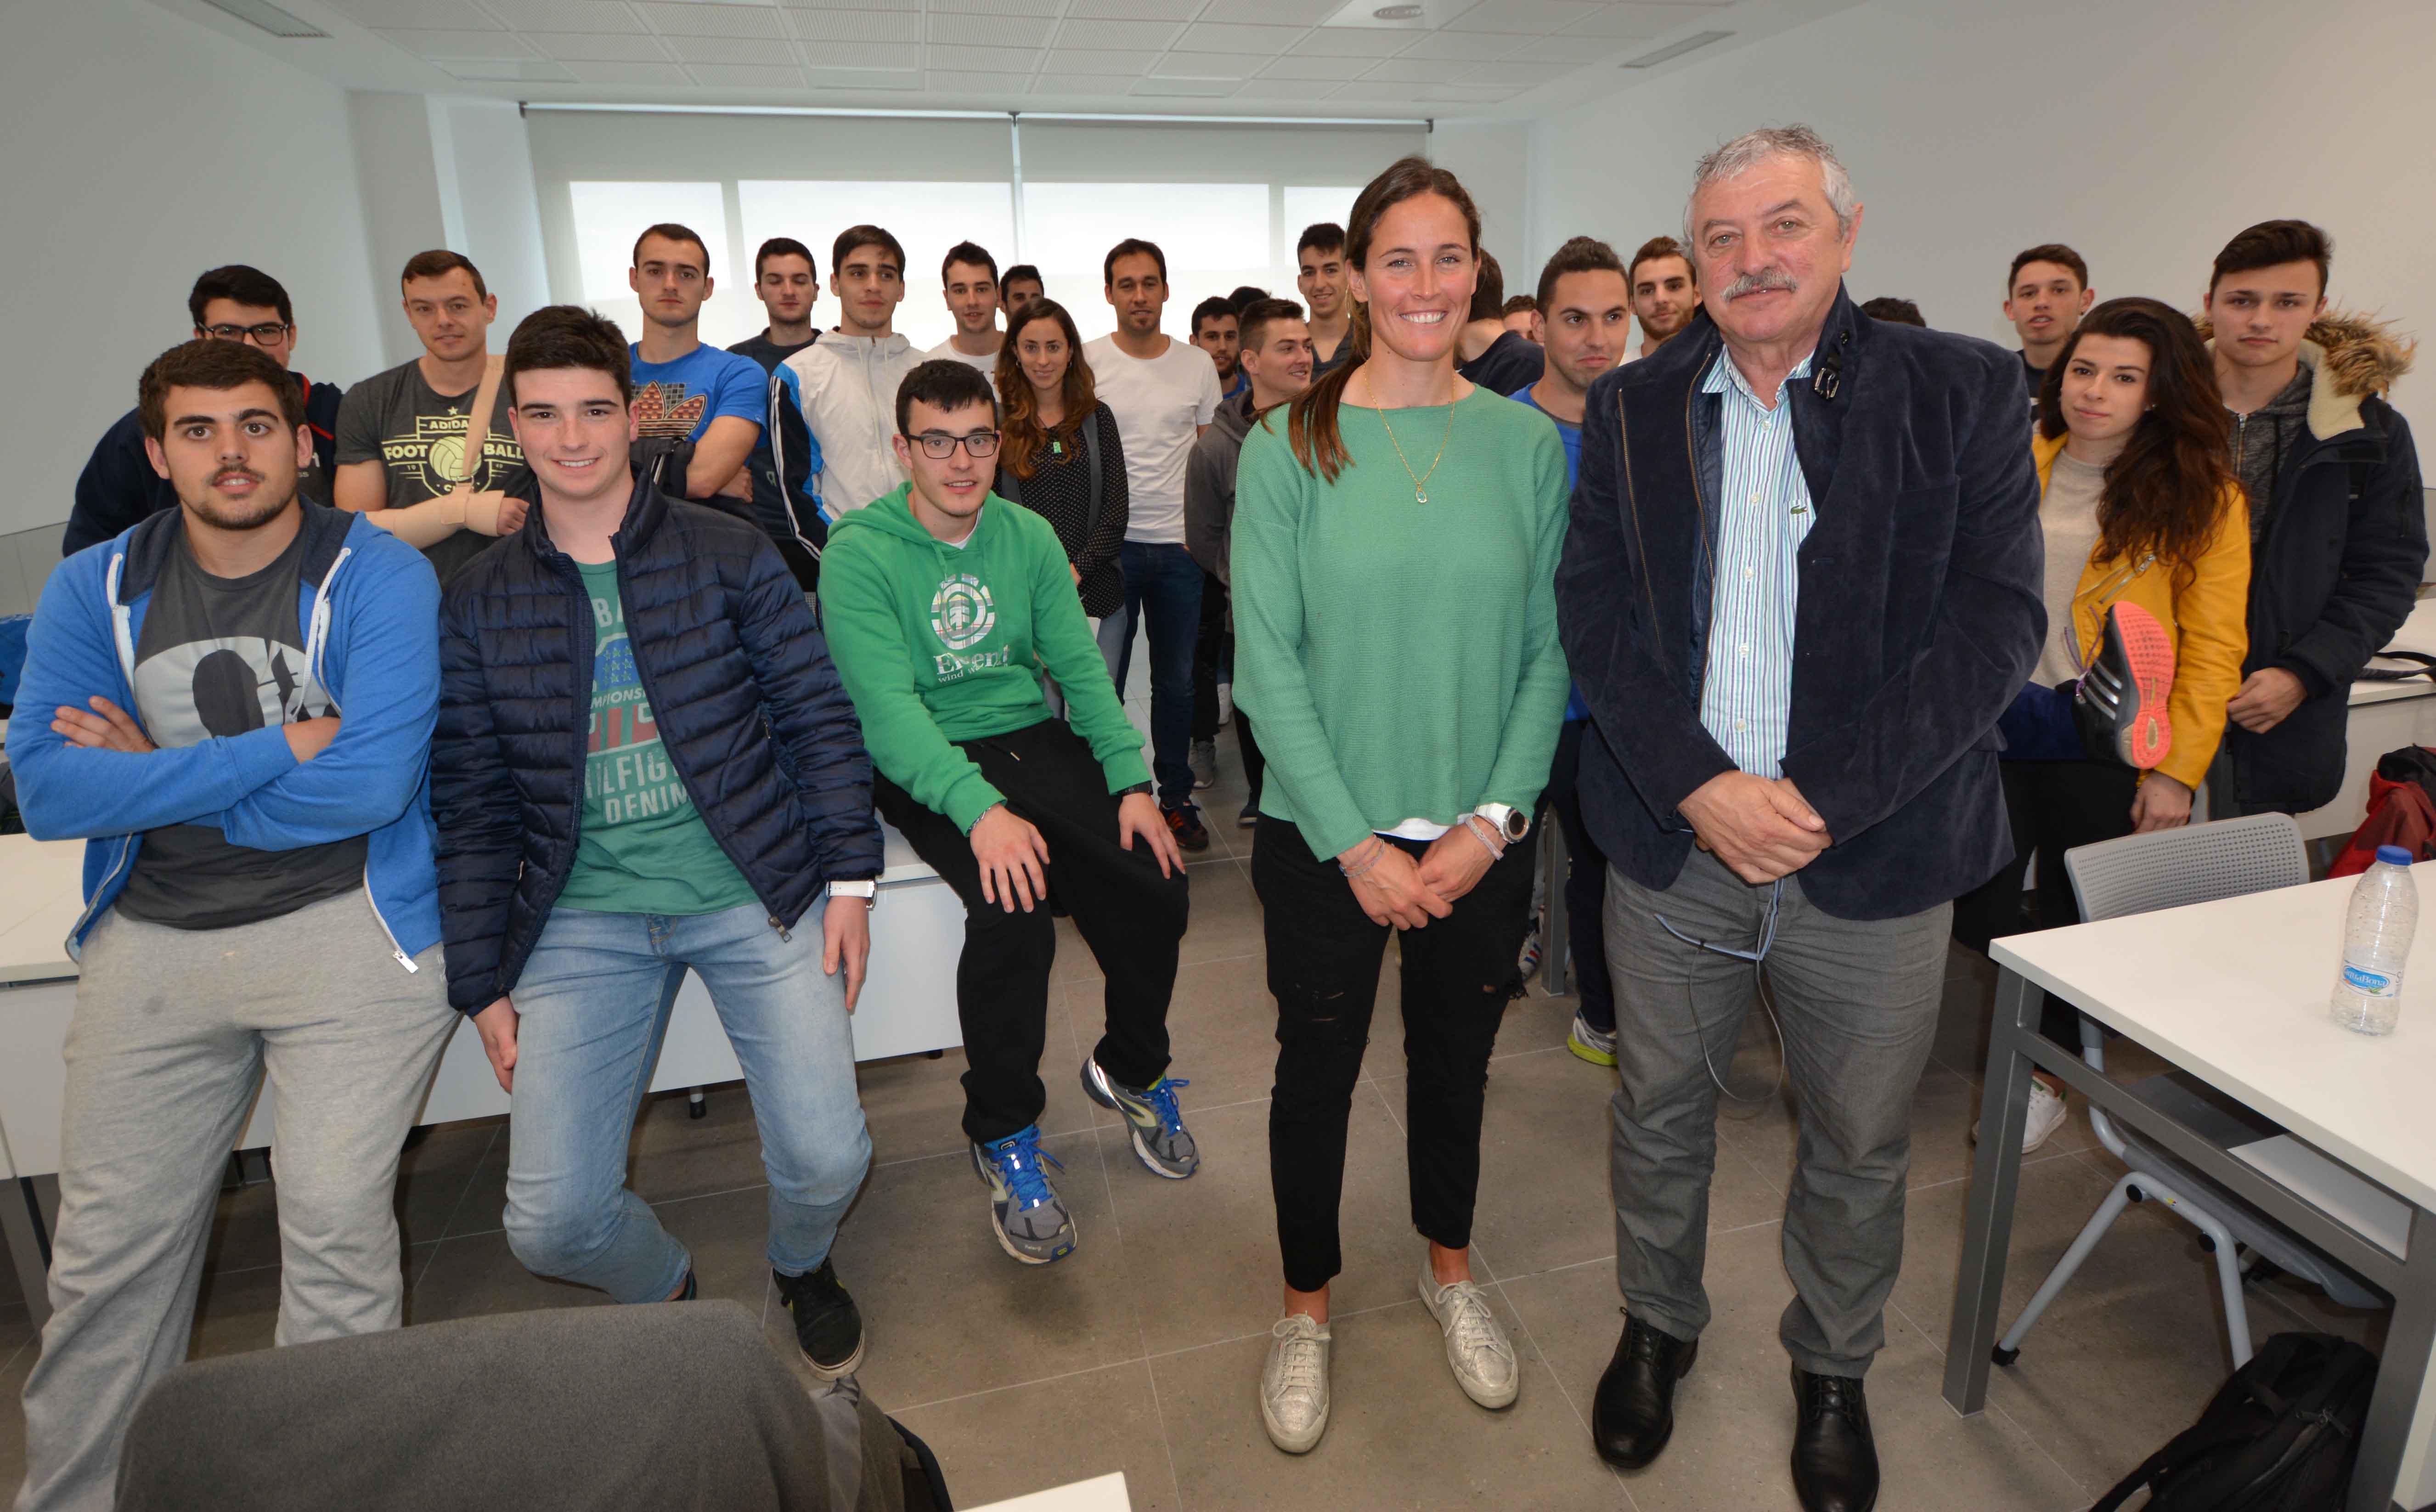 Berta Betanzos y Ramón Torralbo impartieron una charla sobre la preparación olímpica en el campus